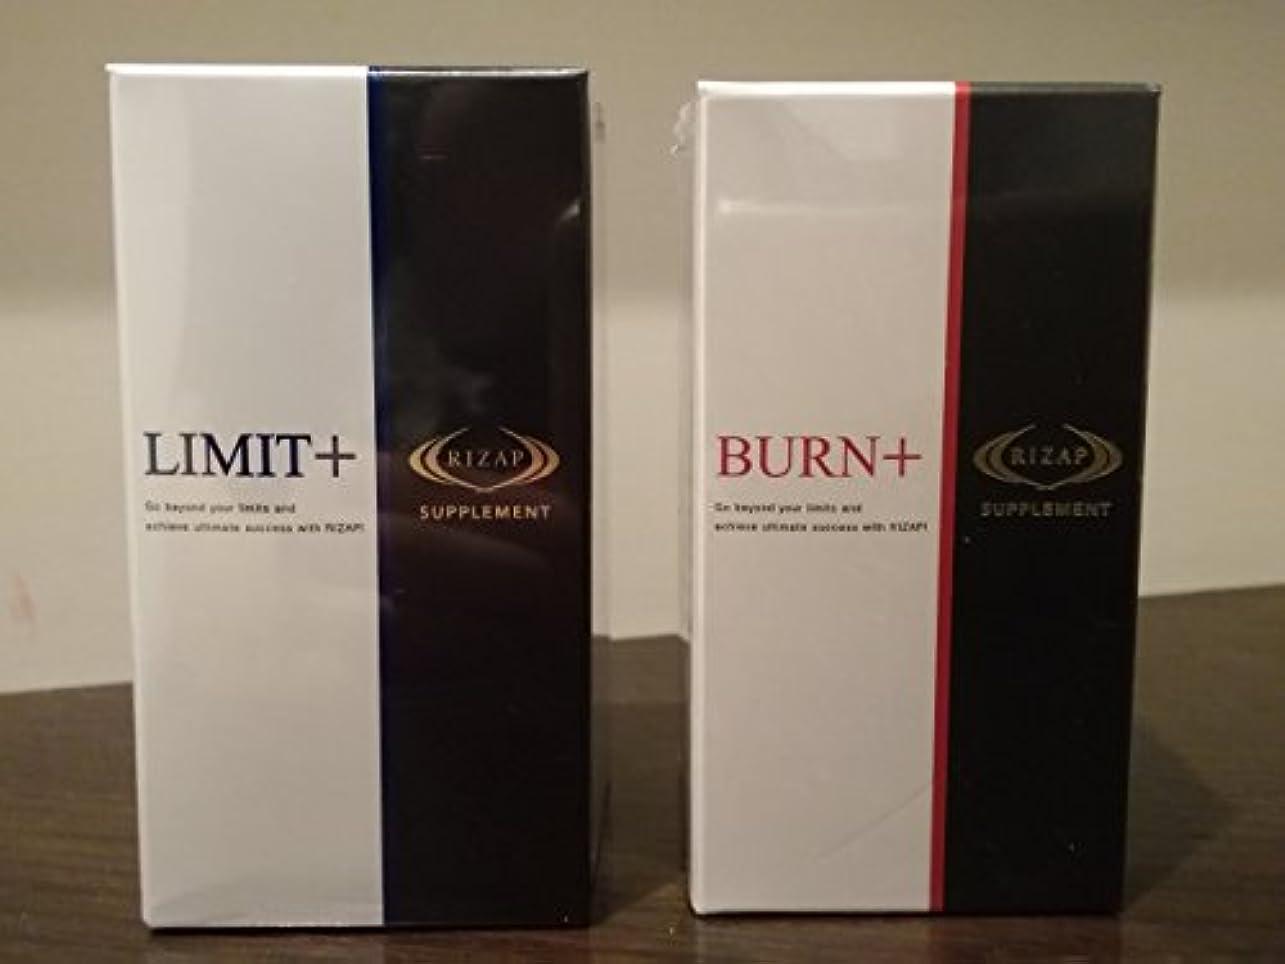 オプション平和的しがみつくライザップ 【バーン+】&【リミット+】 【BURN+】&【LIMIT+】